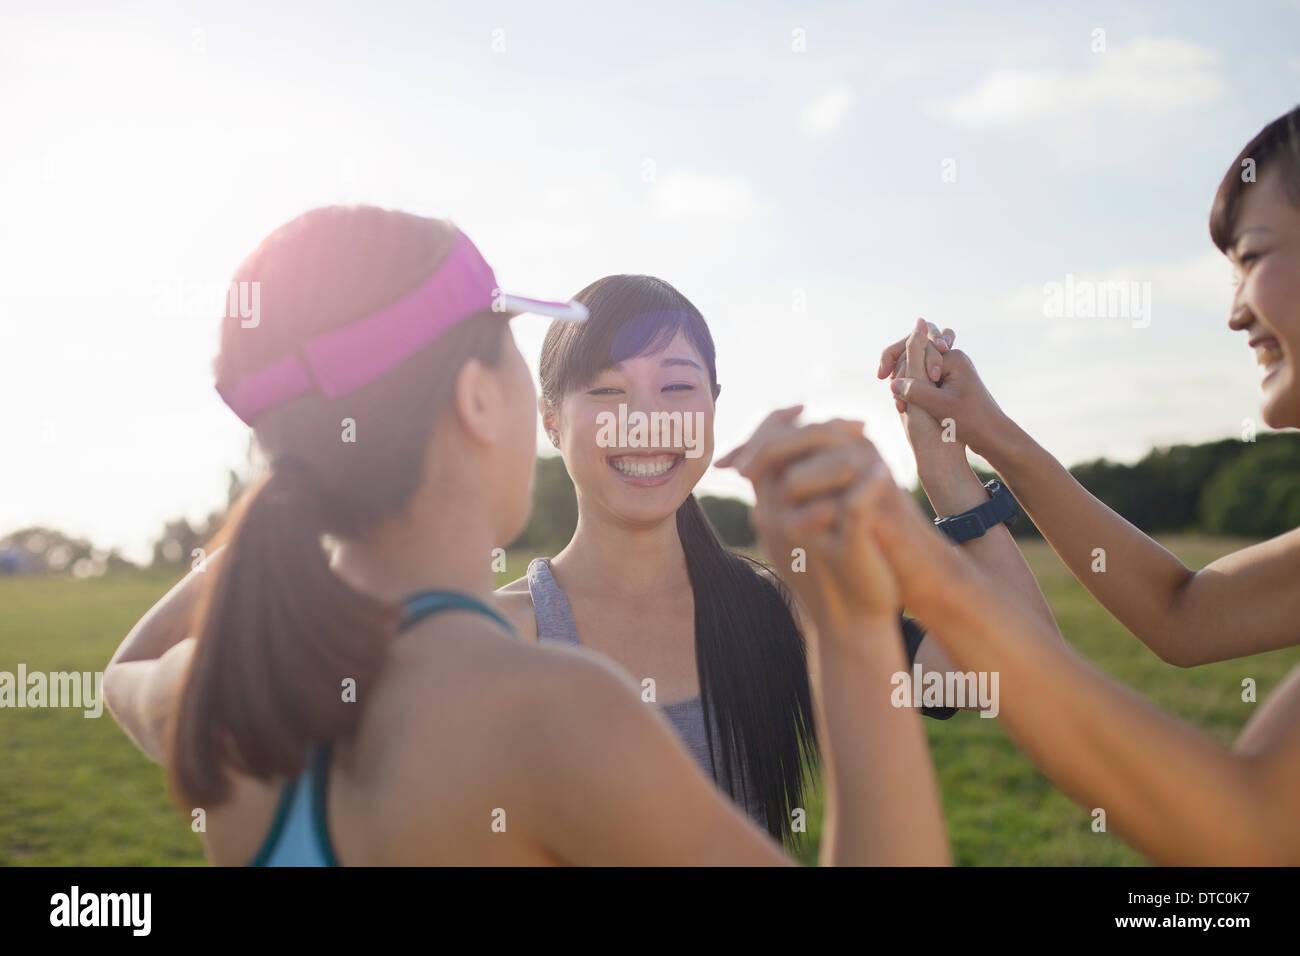 Trois jeunes dames s'apprête à exécuter Photo Stock